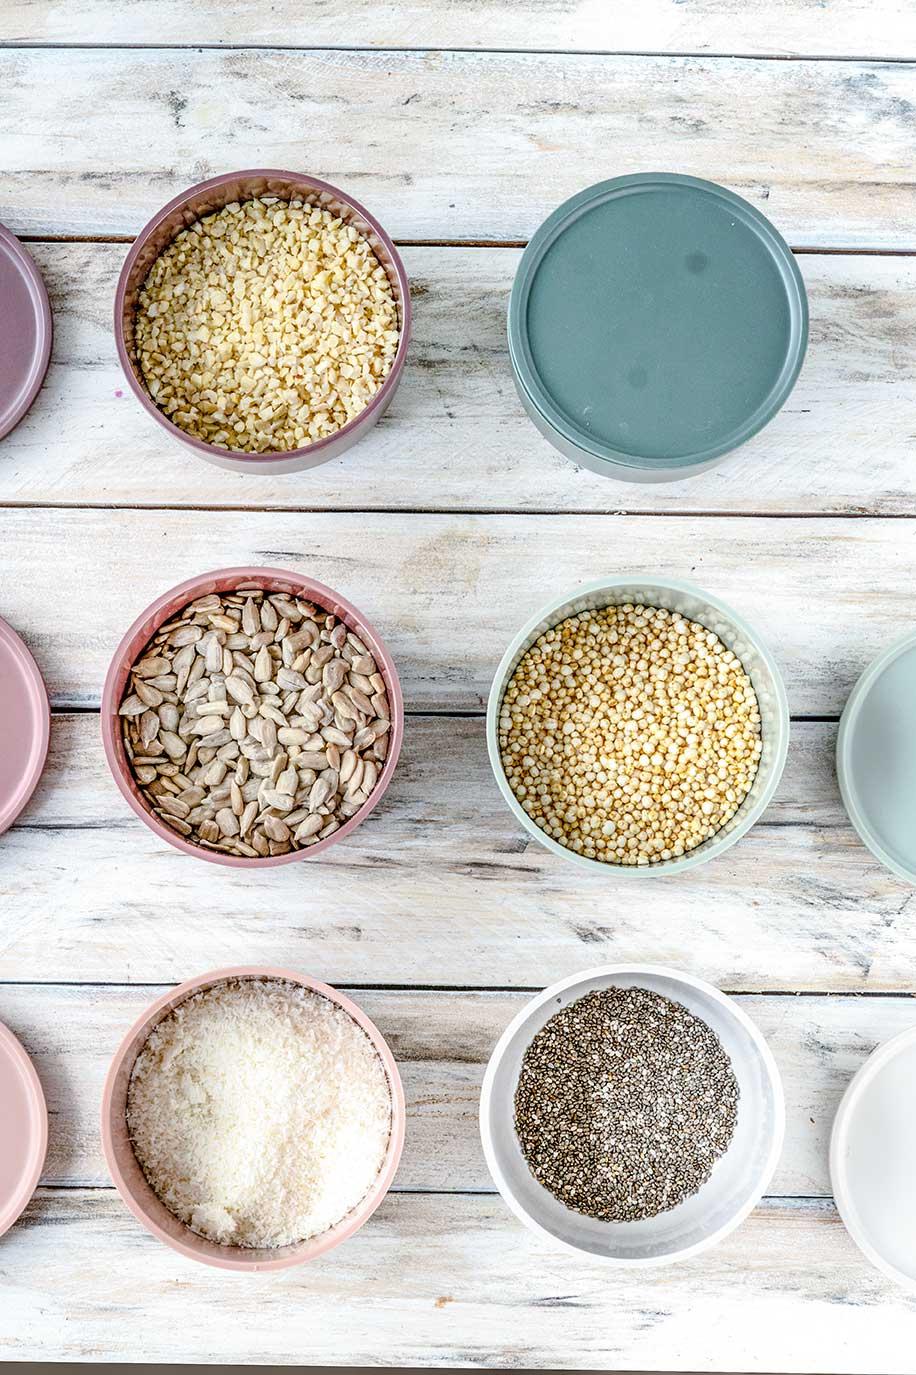 Nüsse und Samen in kleinen Dosen